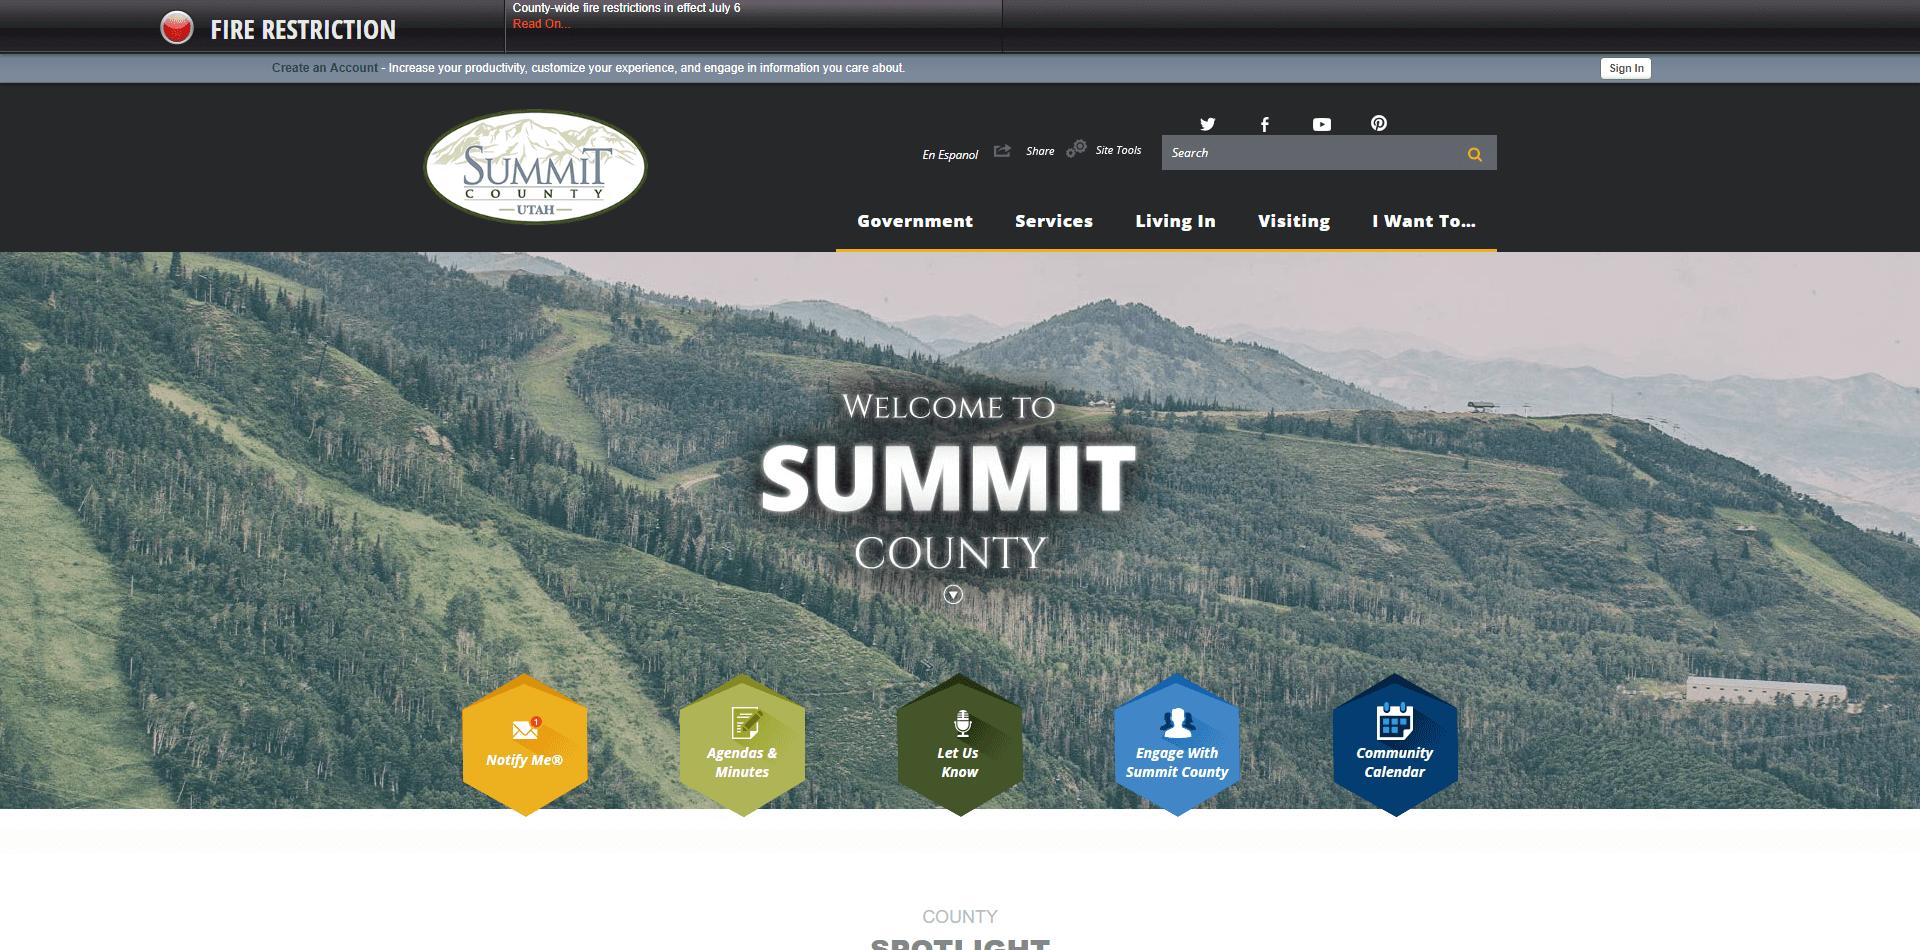 2017_Digital_Counties_Survey_Winner_Summit_County_UT_sm.png